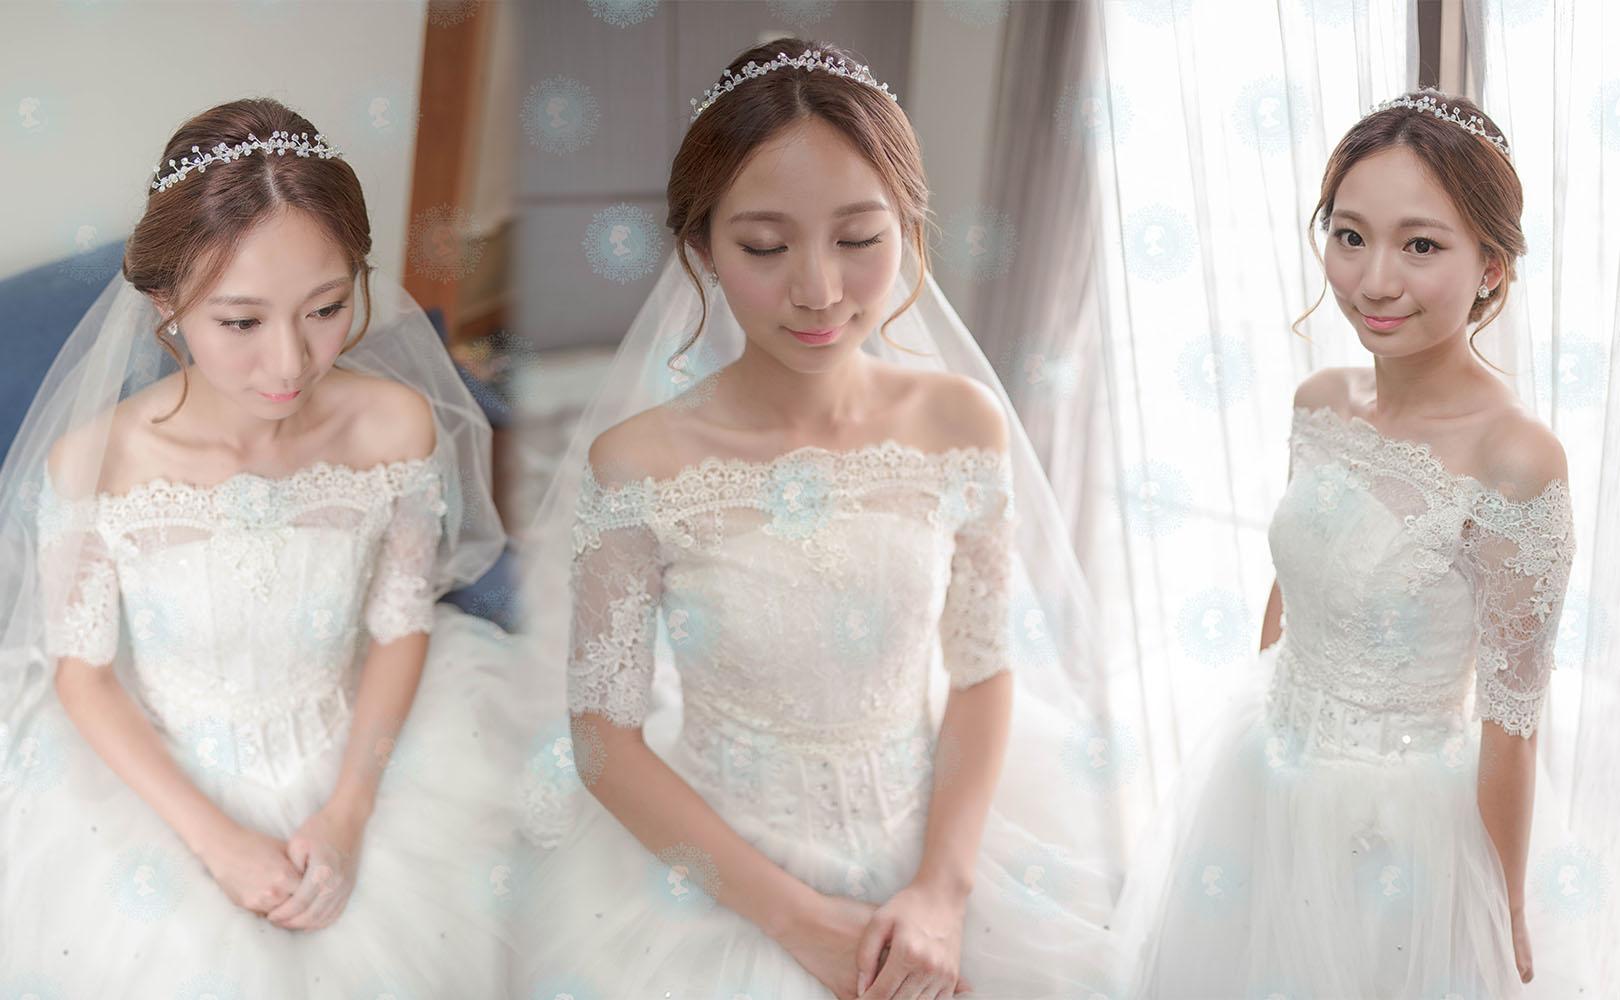 新娘秘書造型師作品-白色夢幻/氣質名媛作品照片圖5